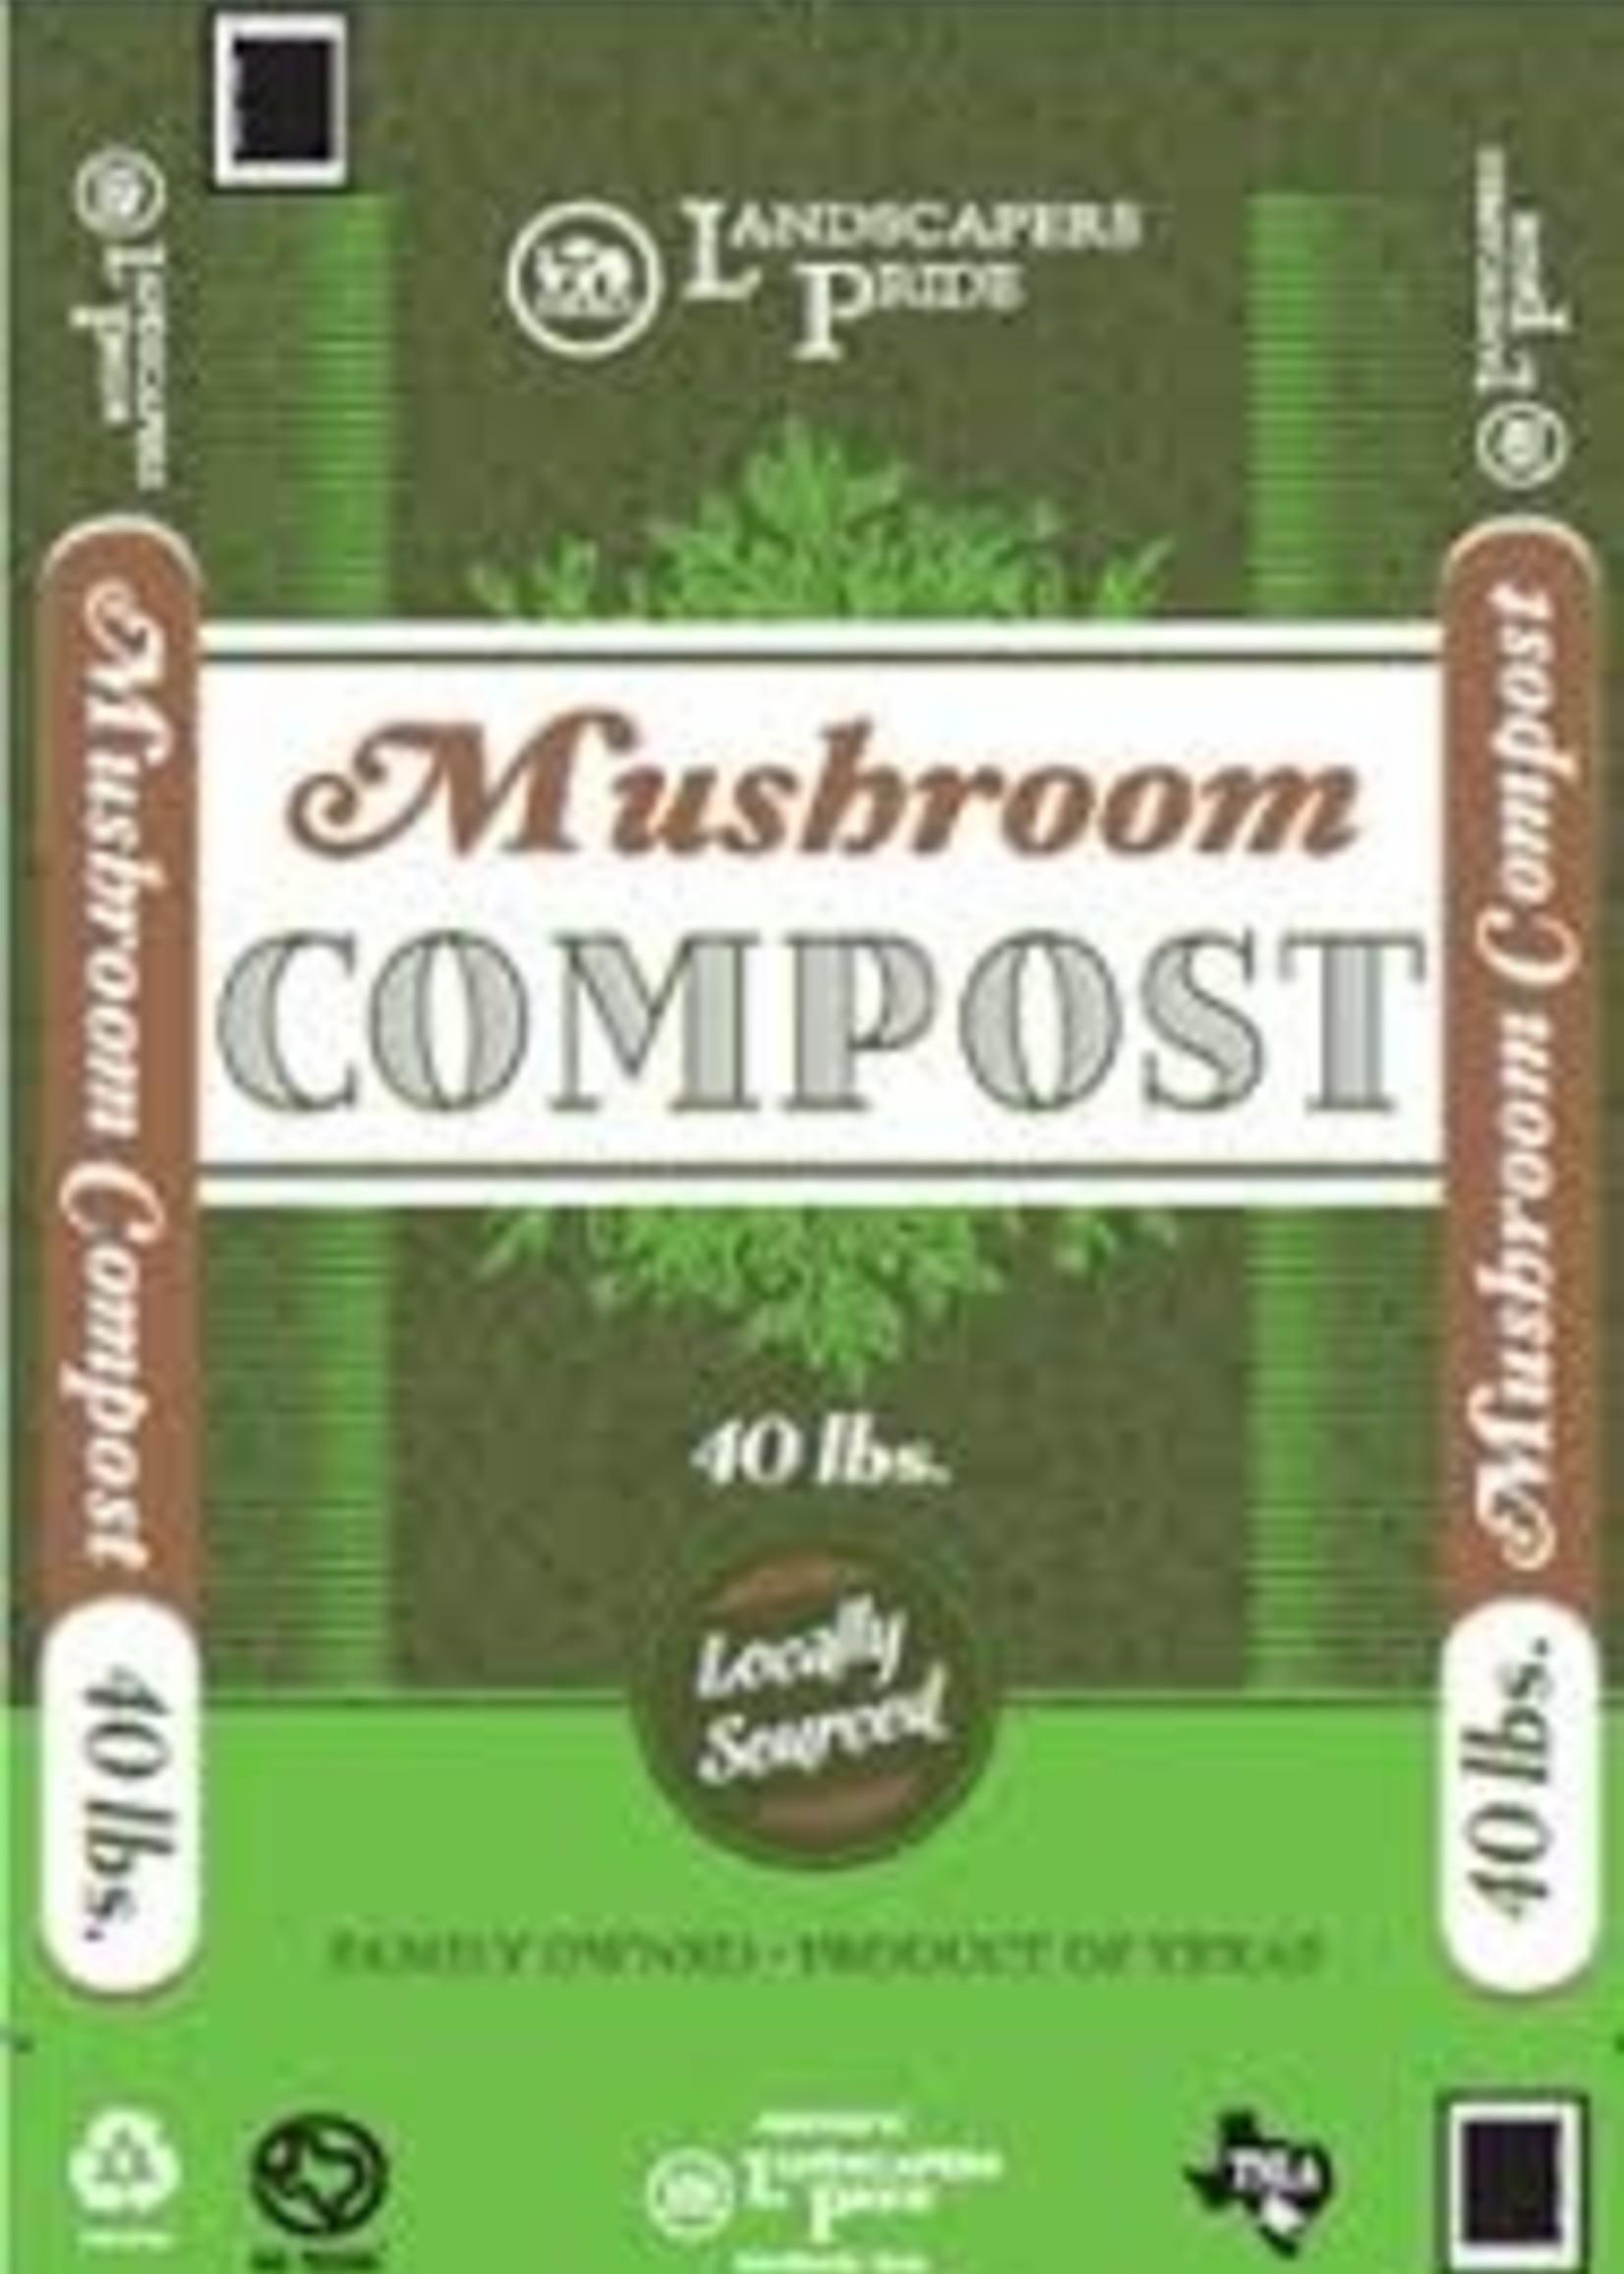 Mushroom Compost 40 lb. $4.99 ea.